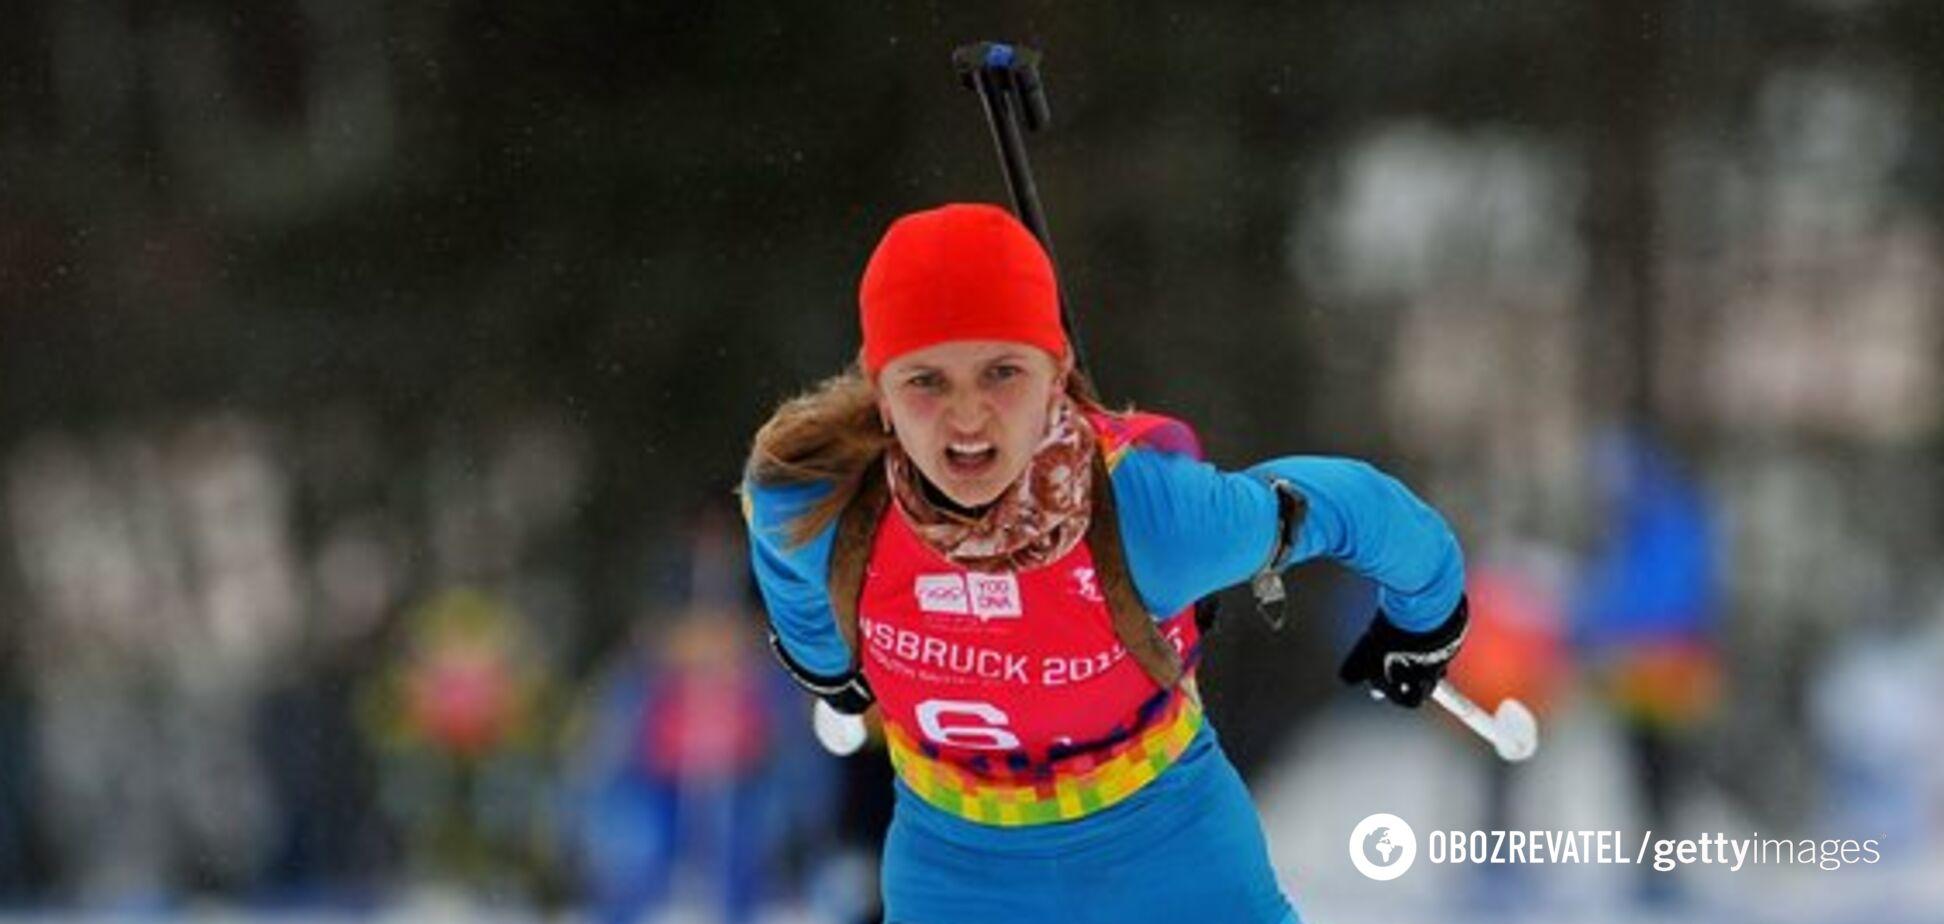 Украинка с медалью! Все подробности женской 'индивидуалки' чемпионата Европы по биатлону